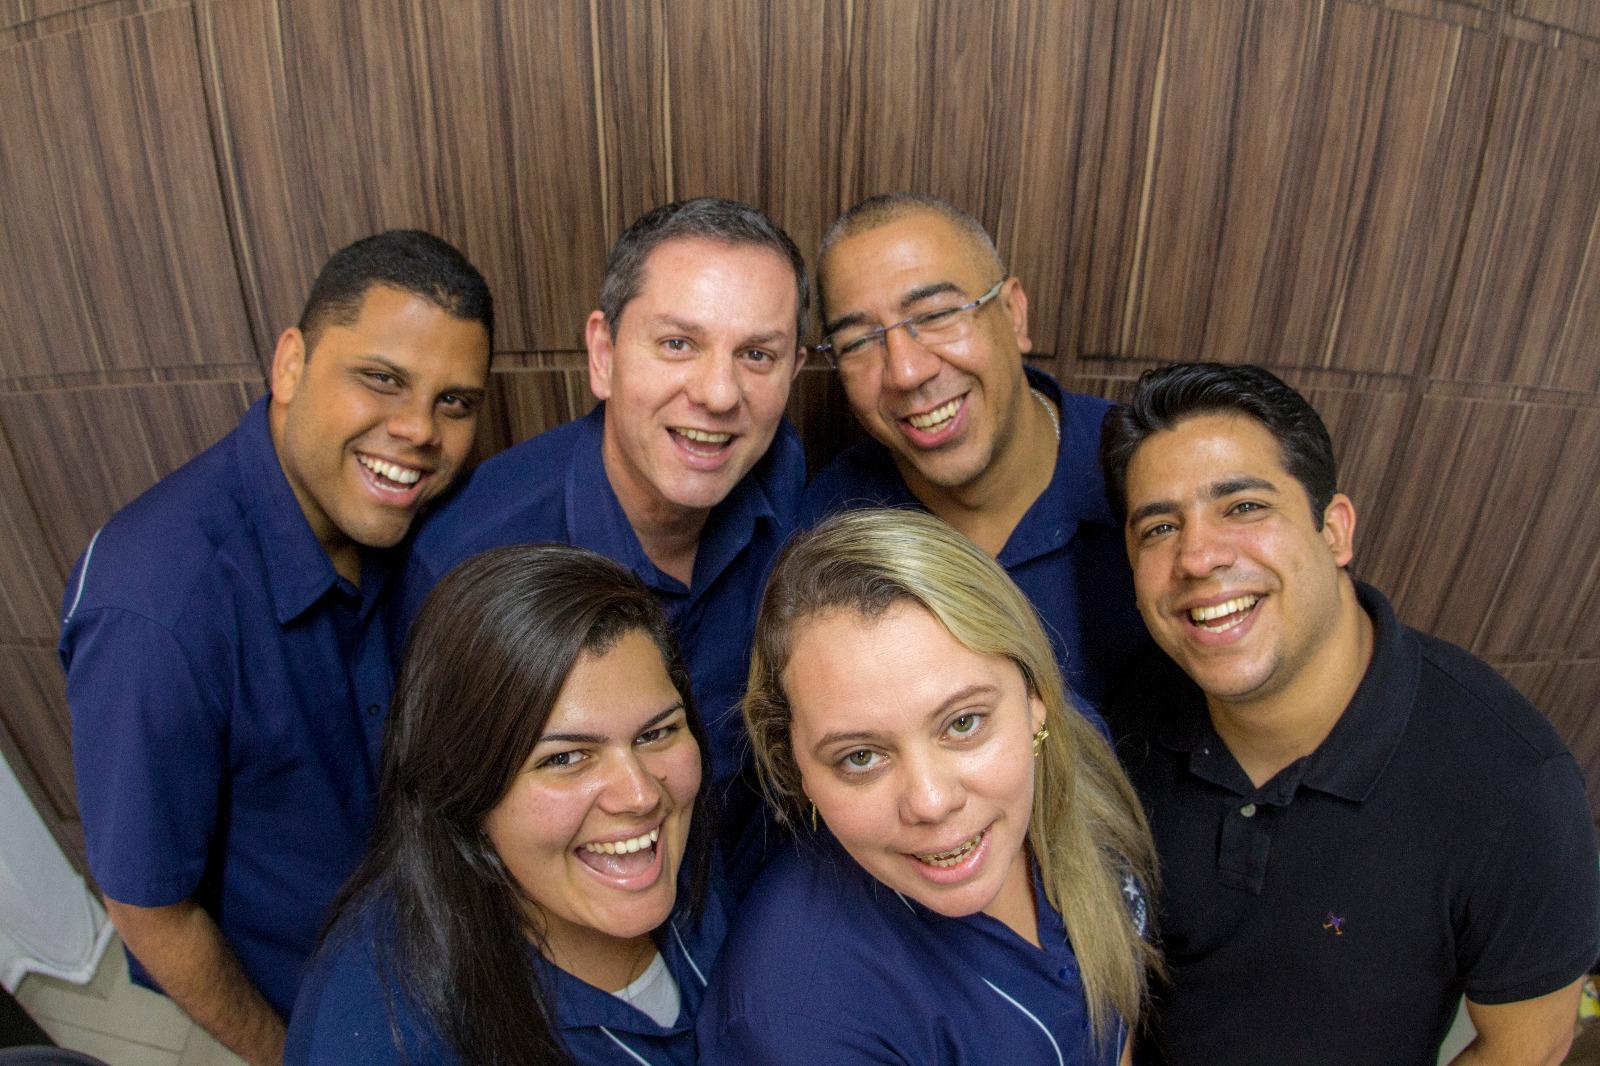 Equipe APV - Associação Palavra de Vida